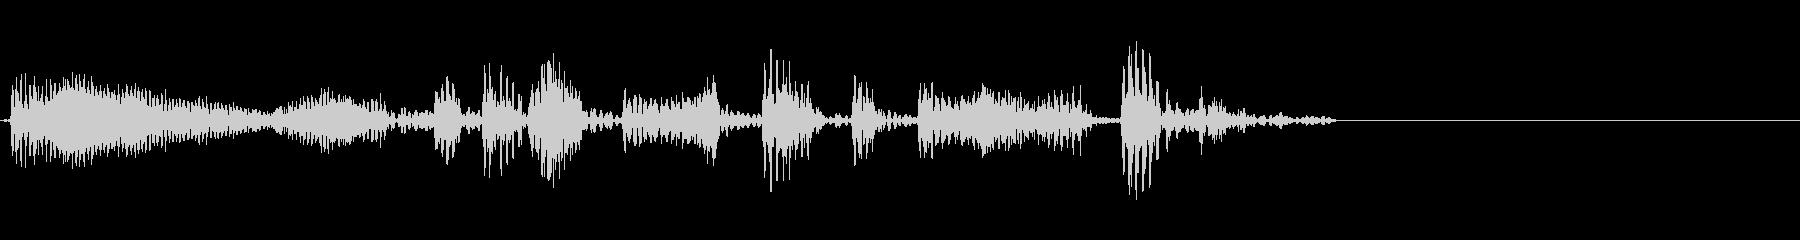 エレクトリックベース:クイックラン...の未再生の波形